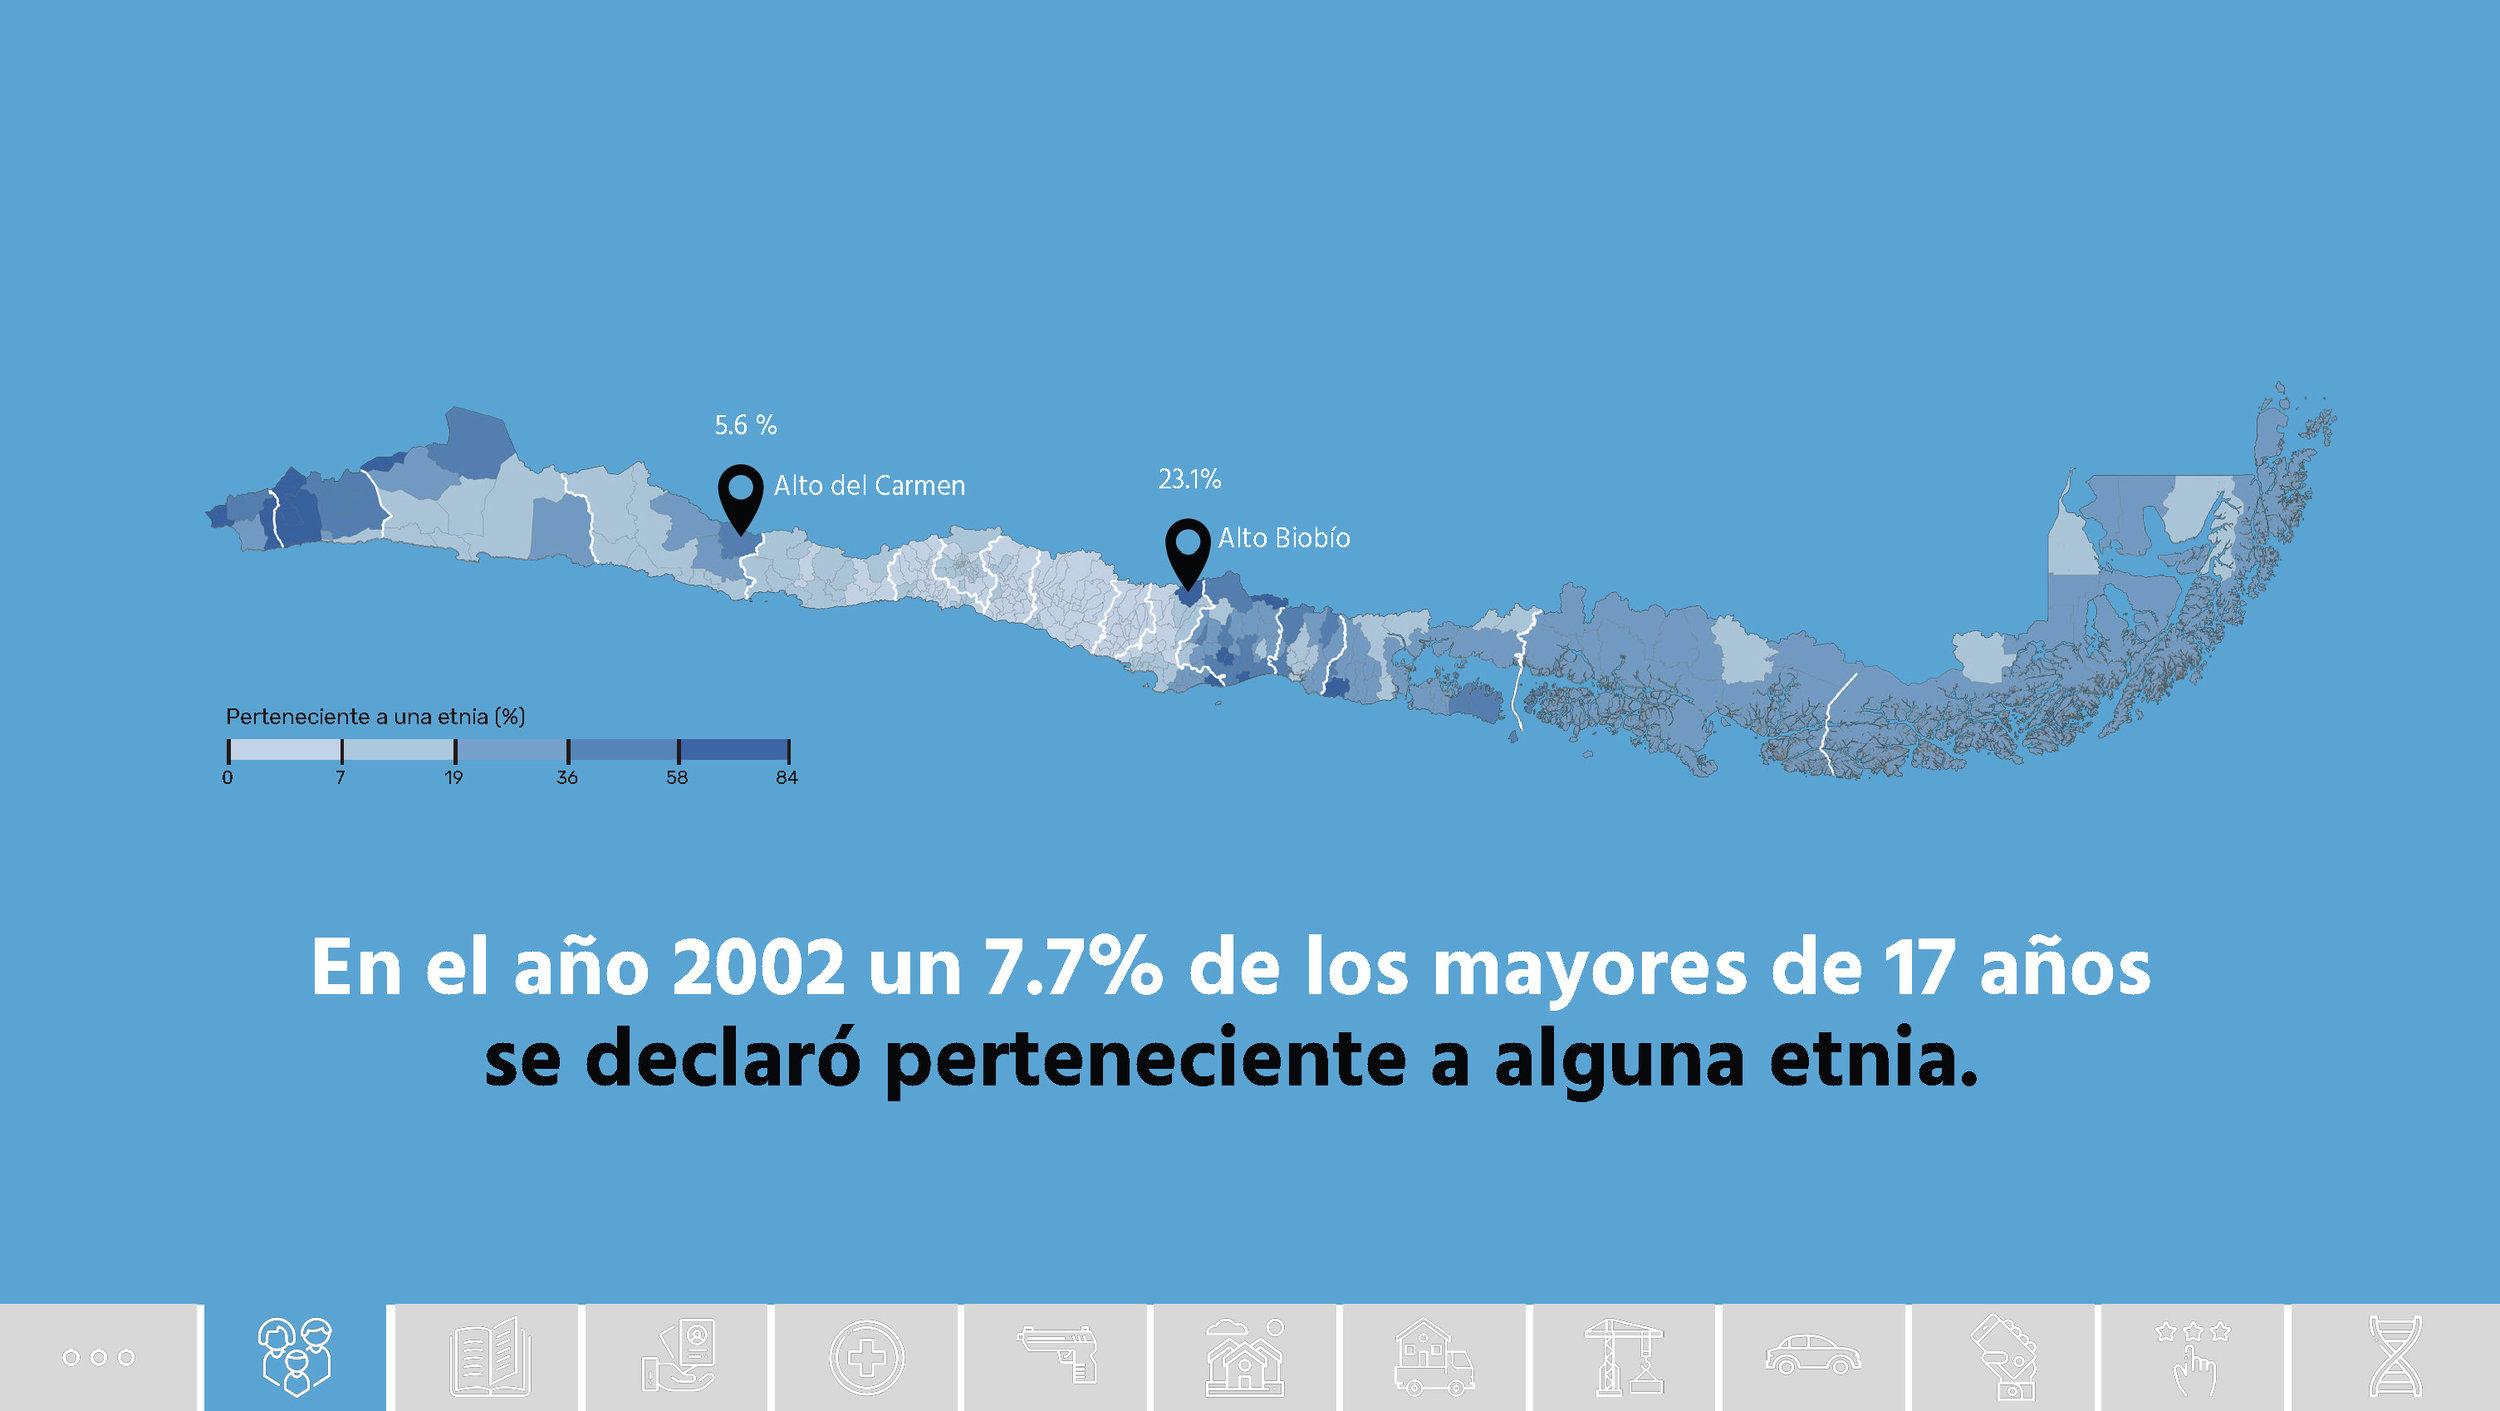 Chile_Datos de una transformacion social_Unholster_Página_12.jpg